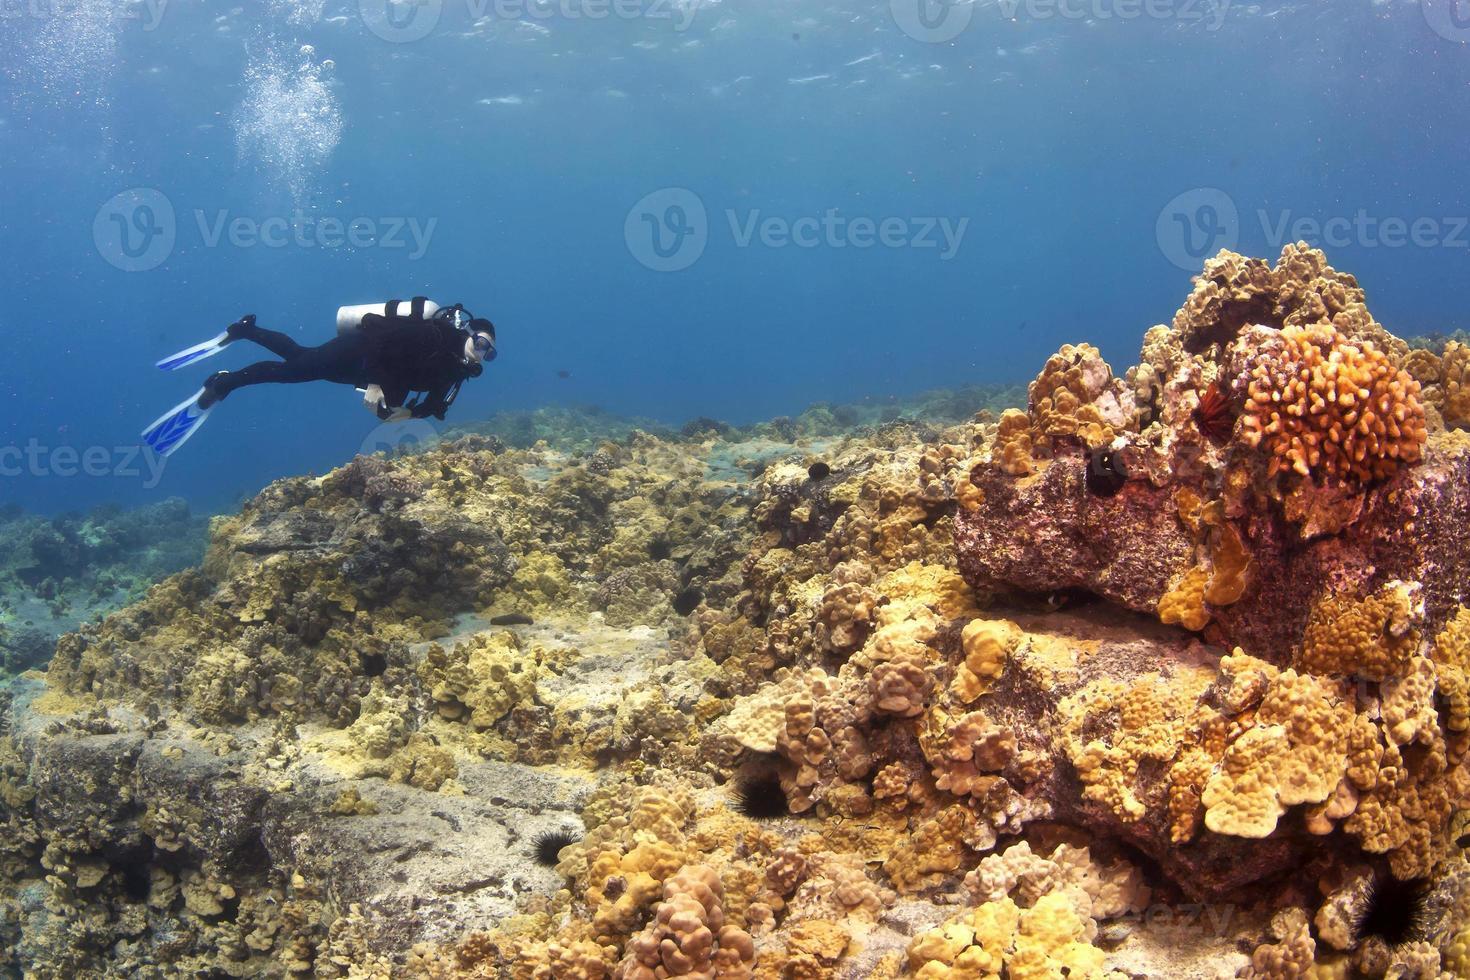 Taucher auf einem Hawaii-Riff foto